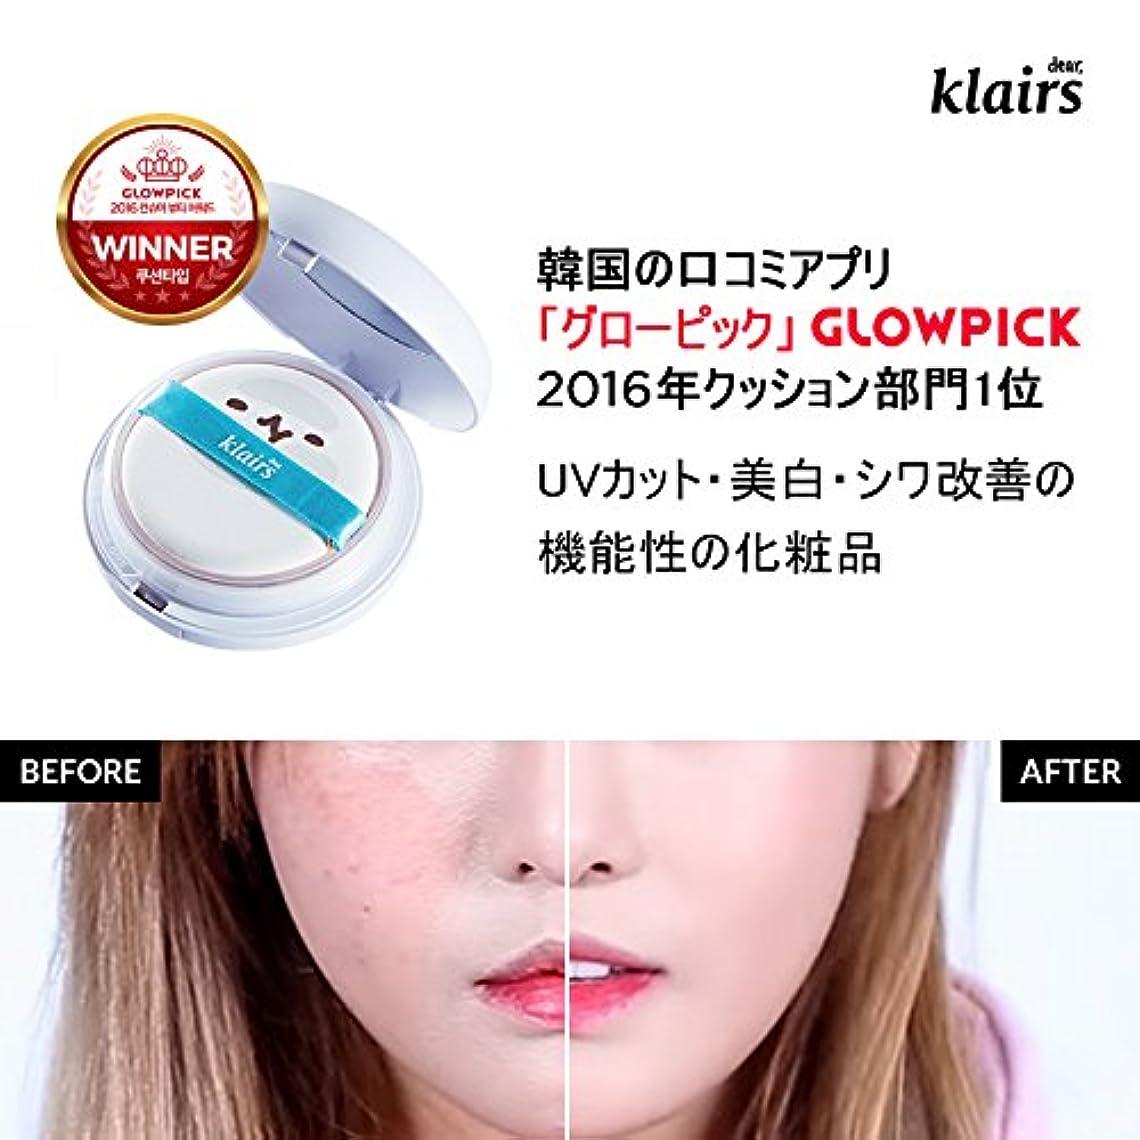 イノセンス案件発行するKLAIRS (クレアス) モチBBクッション, Mochi BB Cushion 15g [並行輸入品]